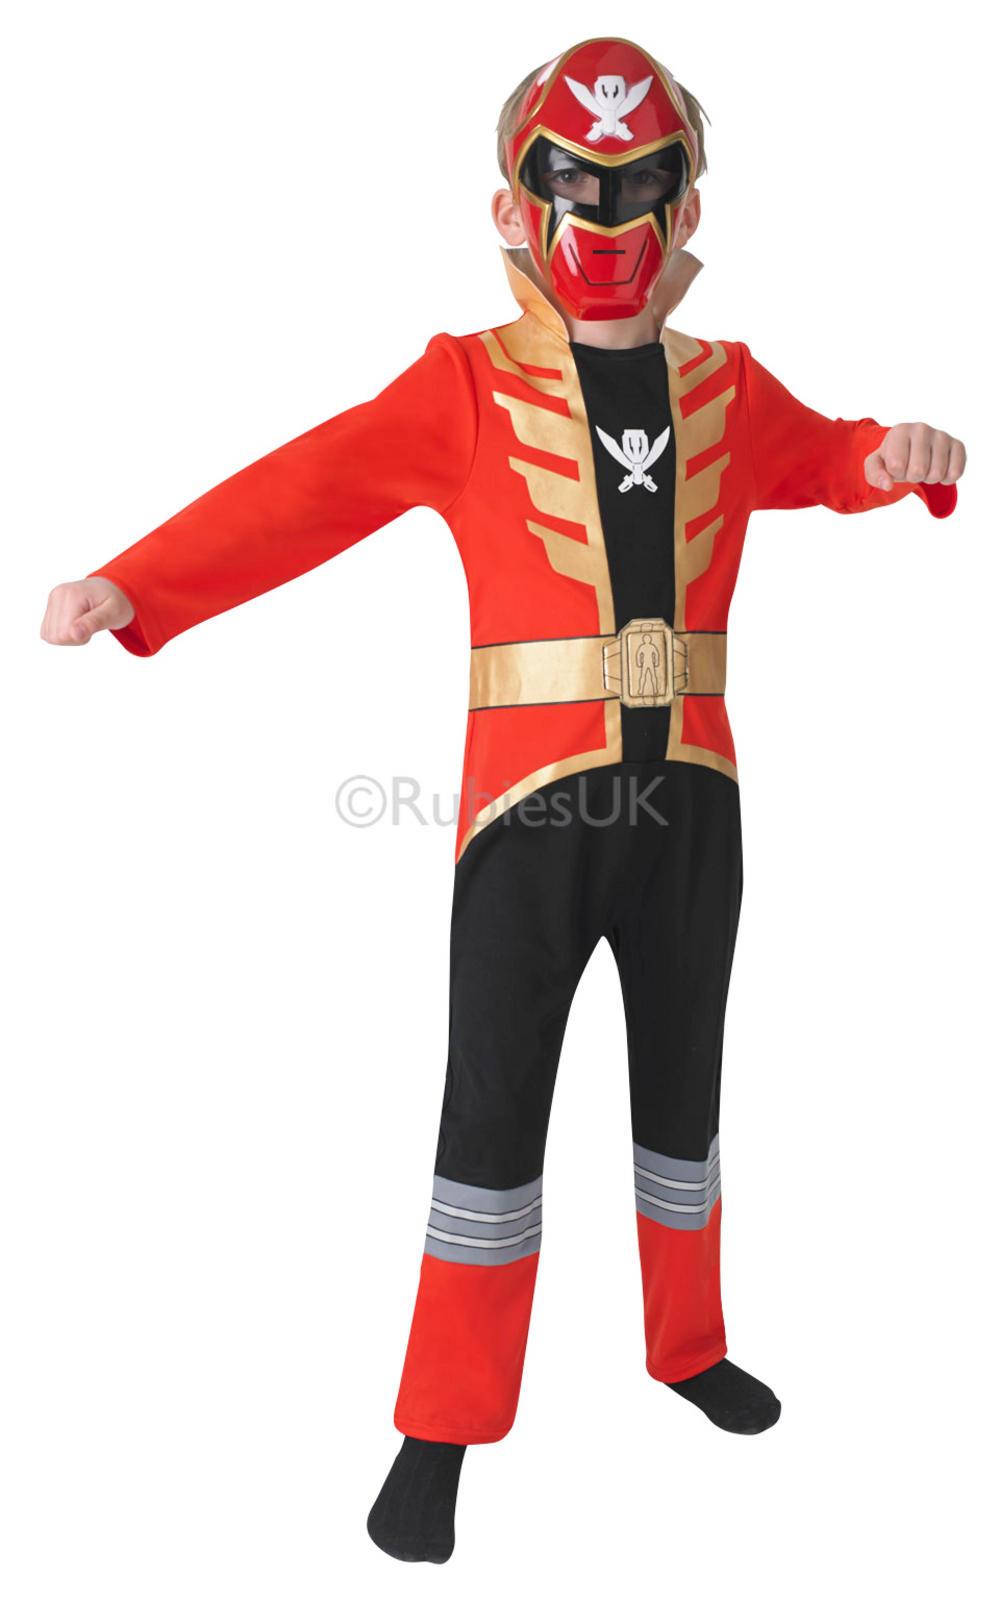 Red Super Megaforce Power Ranger Costume  sc 1 st  Mega Fancy Dress & Power Ranger Costumes | Mega Fancy Dress